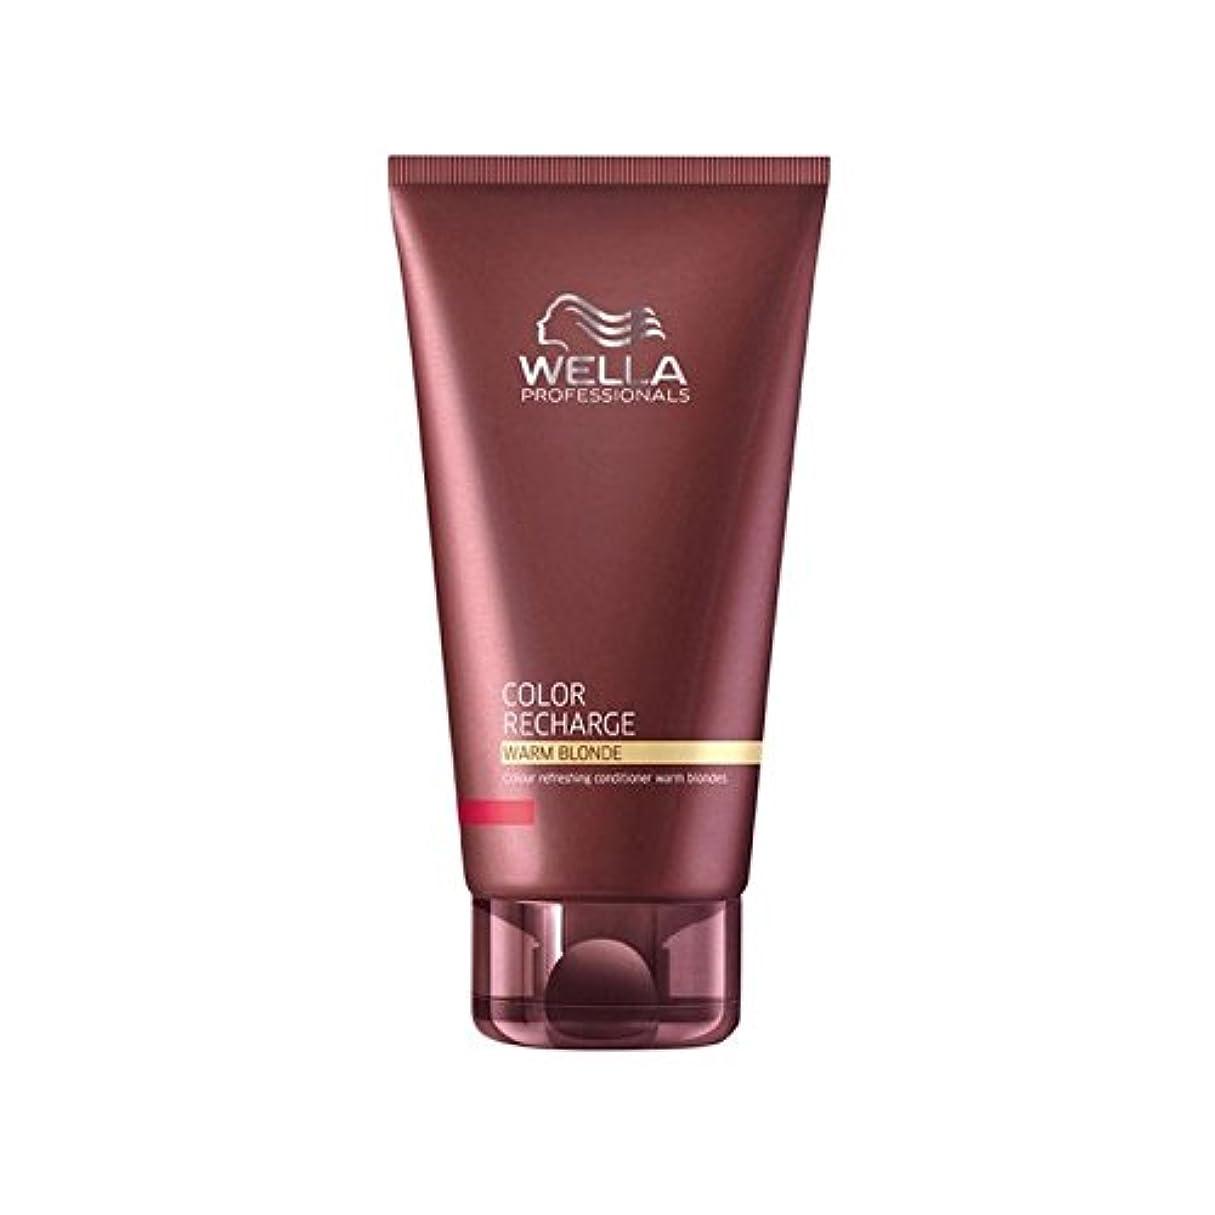 大騒ぎ雄弁家今後Wella Professionals Color Recharge Conditioner Warm Blonde (200ml) - ウエラ専門家のカラー再充電コンディショナー暖かいブロンド(200ミリリットル) [並行輸入品]